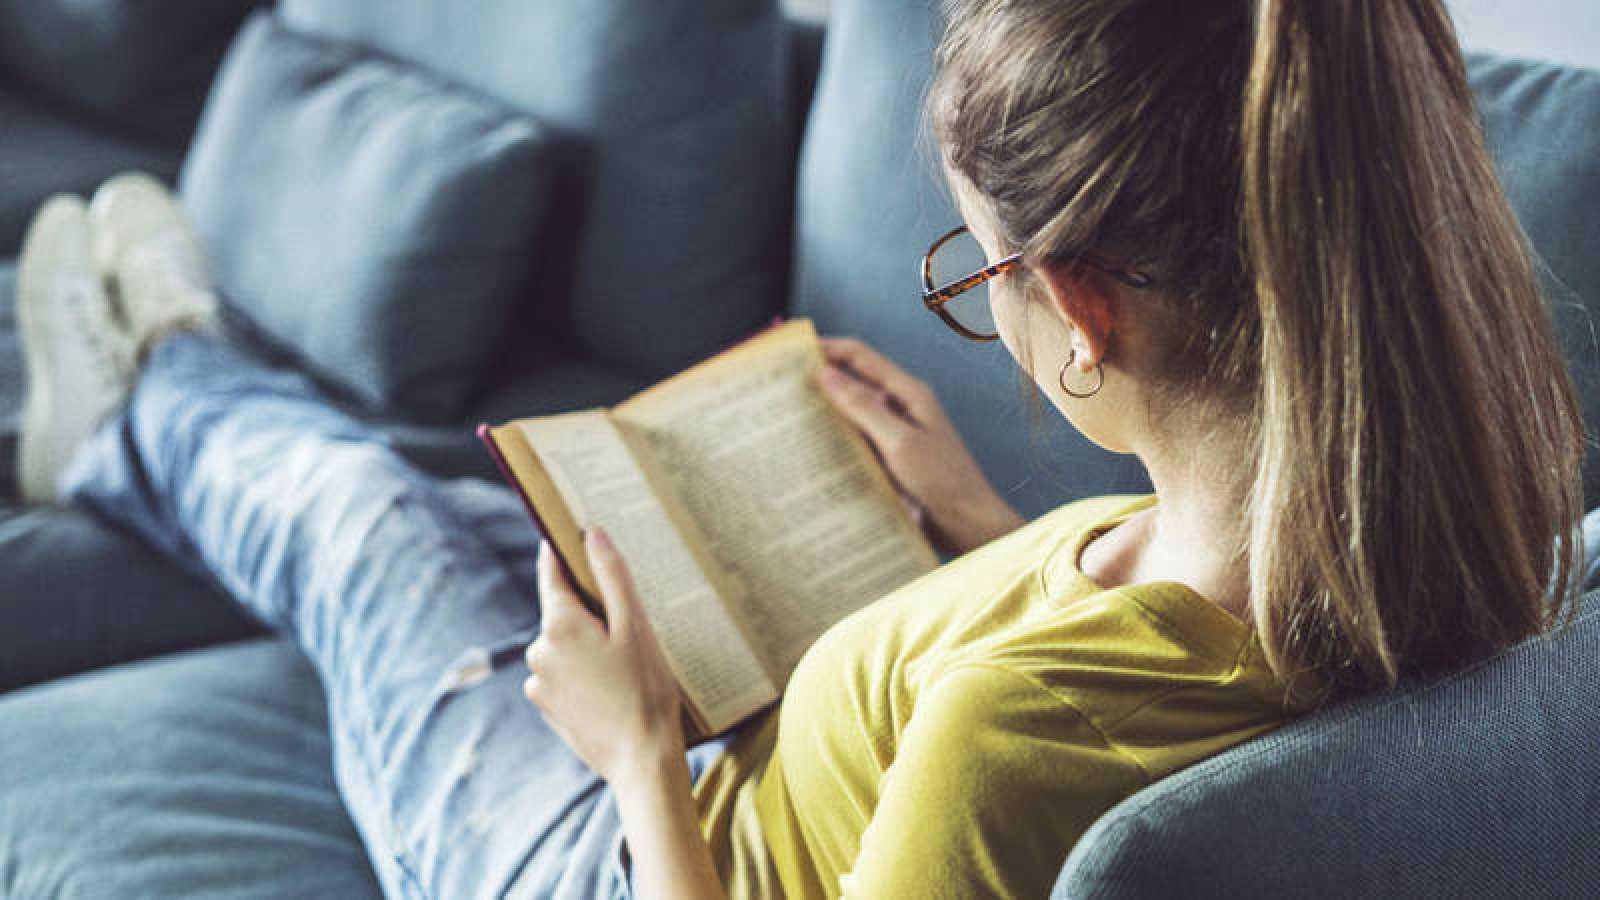 Una joven millennial lee una novela tumbada en el sofá.